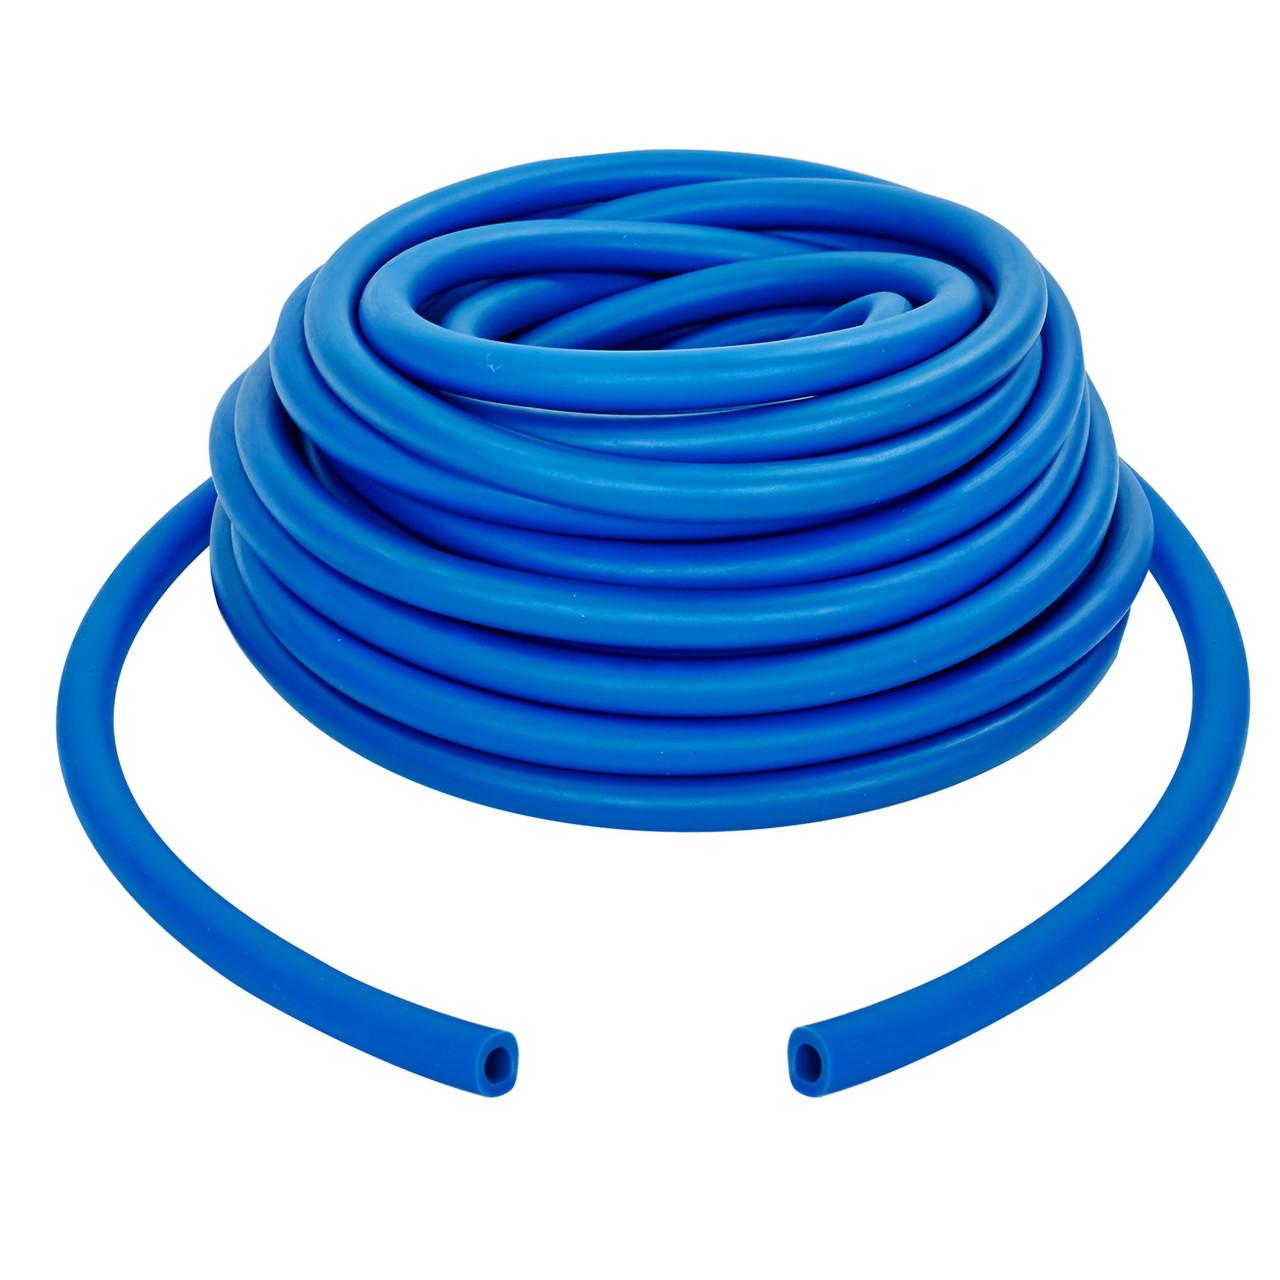 Жгут эластичный трубчатый 10 м синий FI-6253-2